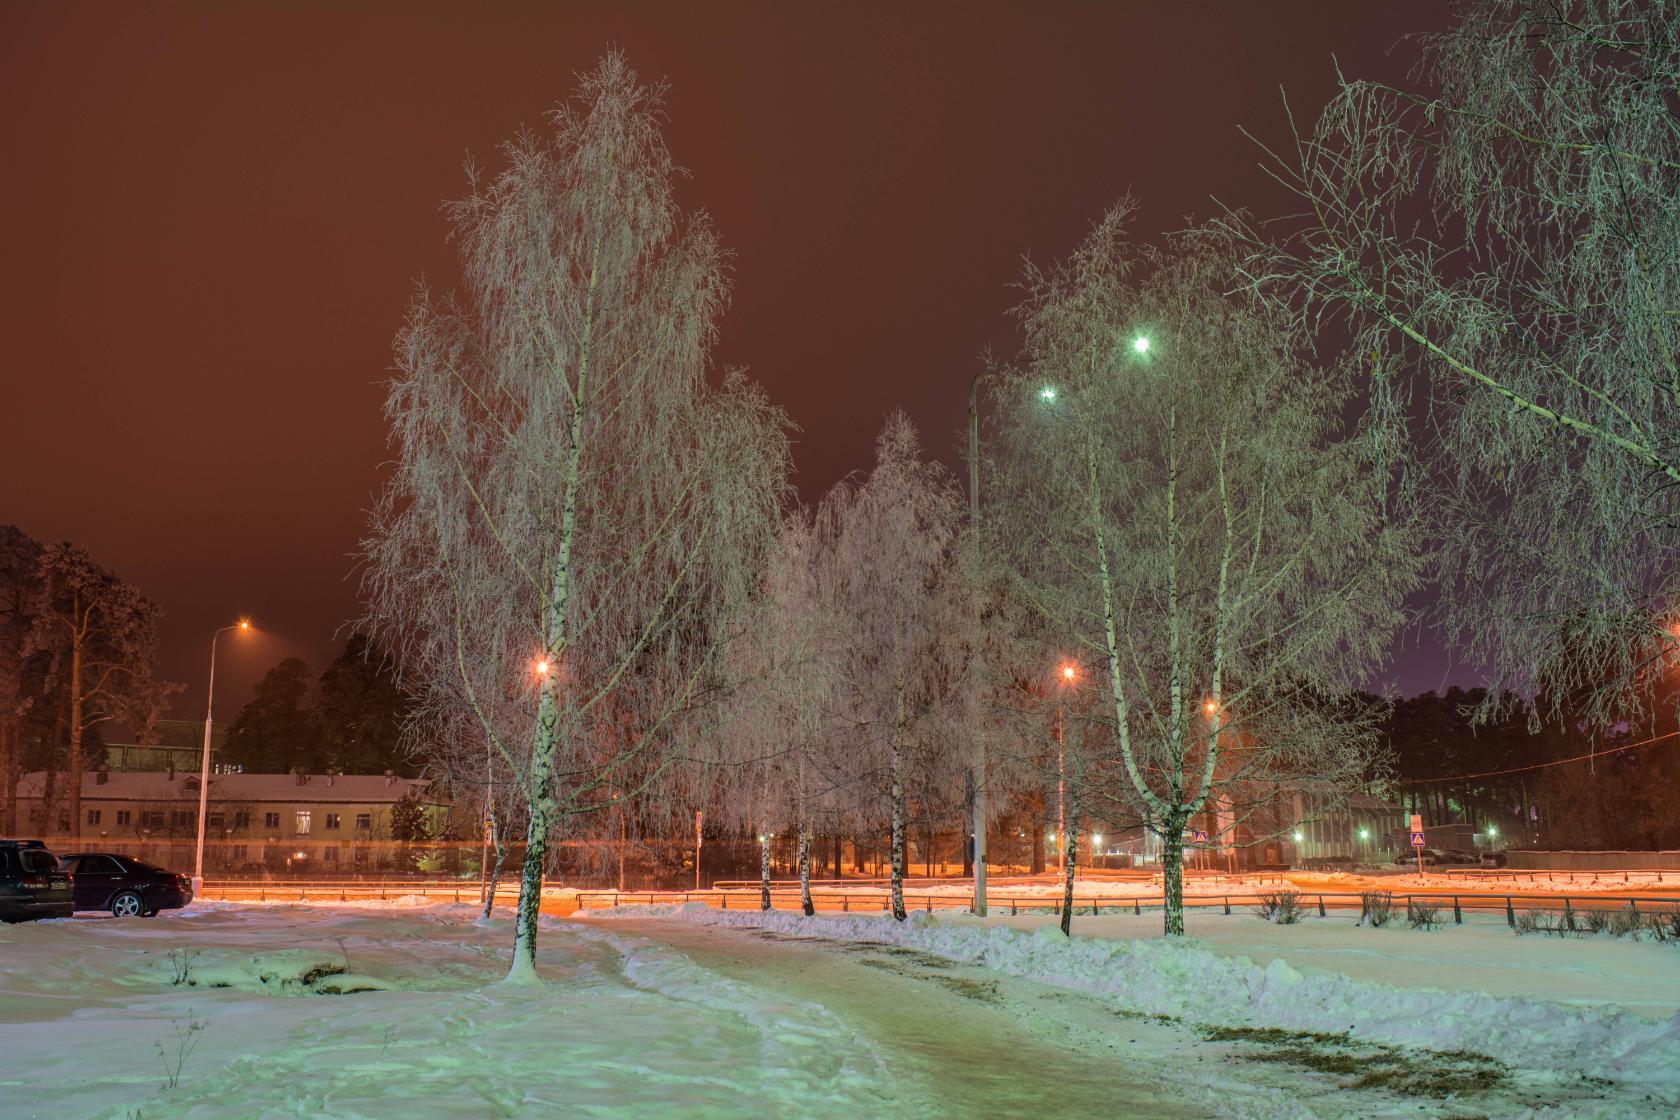 В новогоднюю ночь температура воздуха опустится до минус 25 градусов